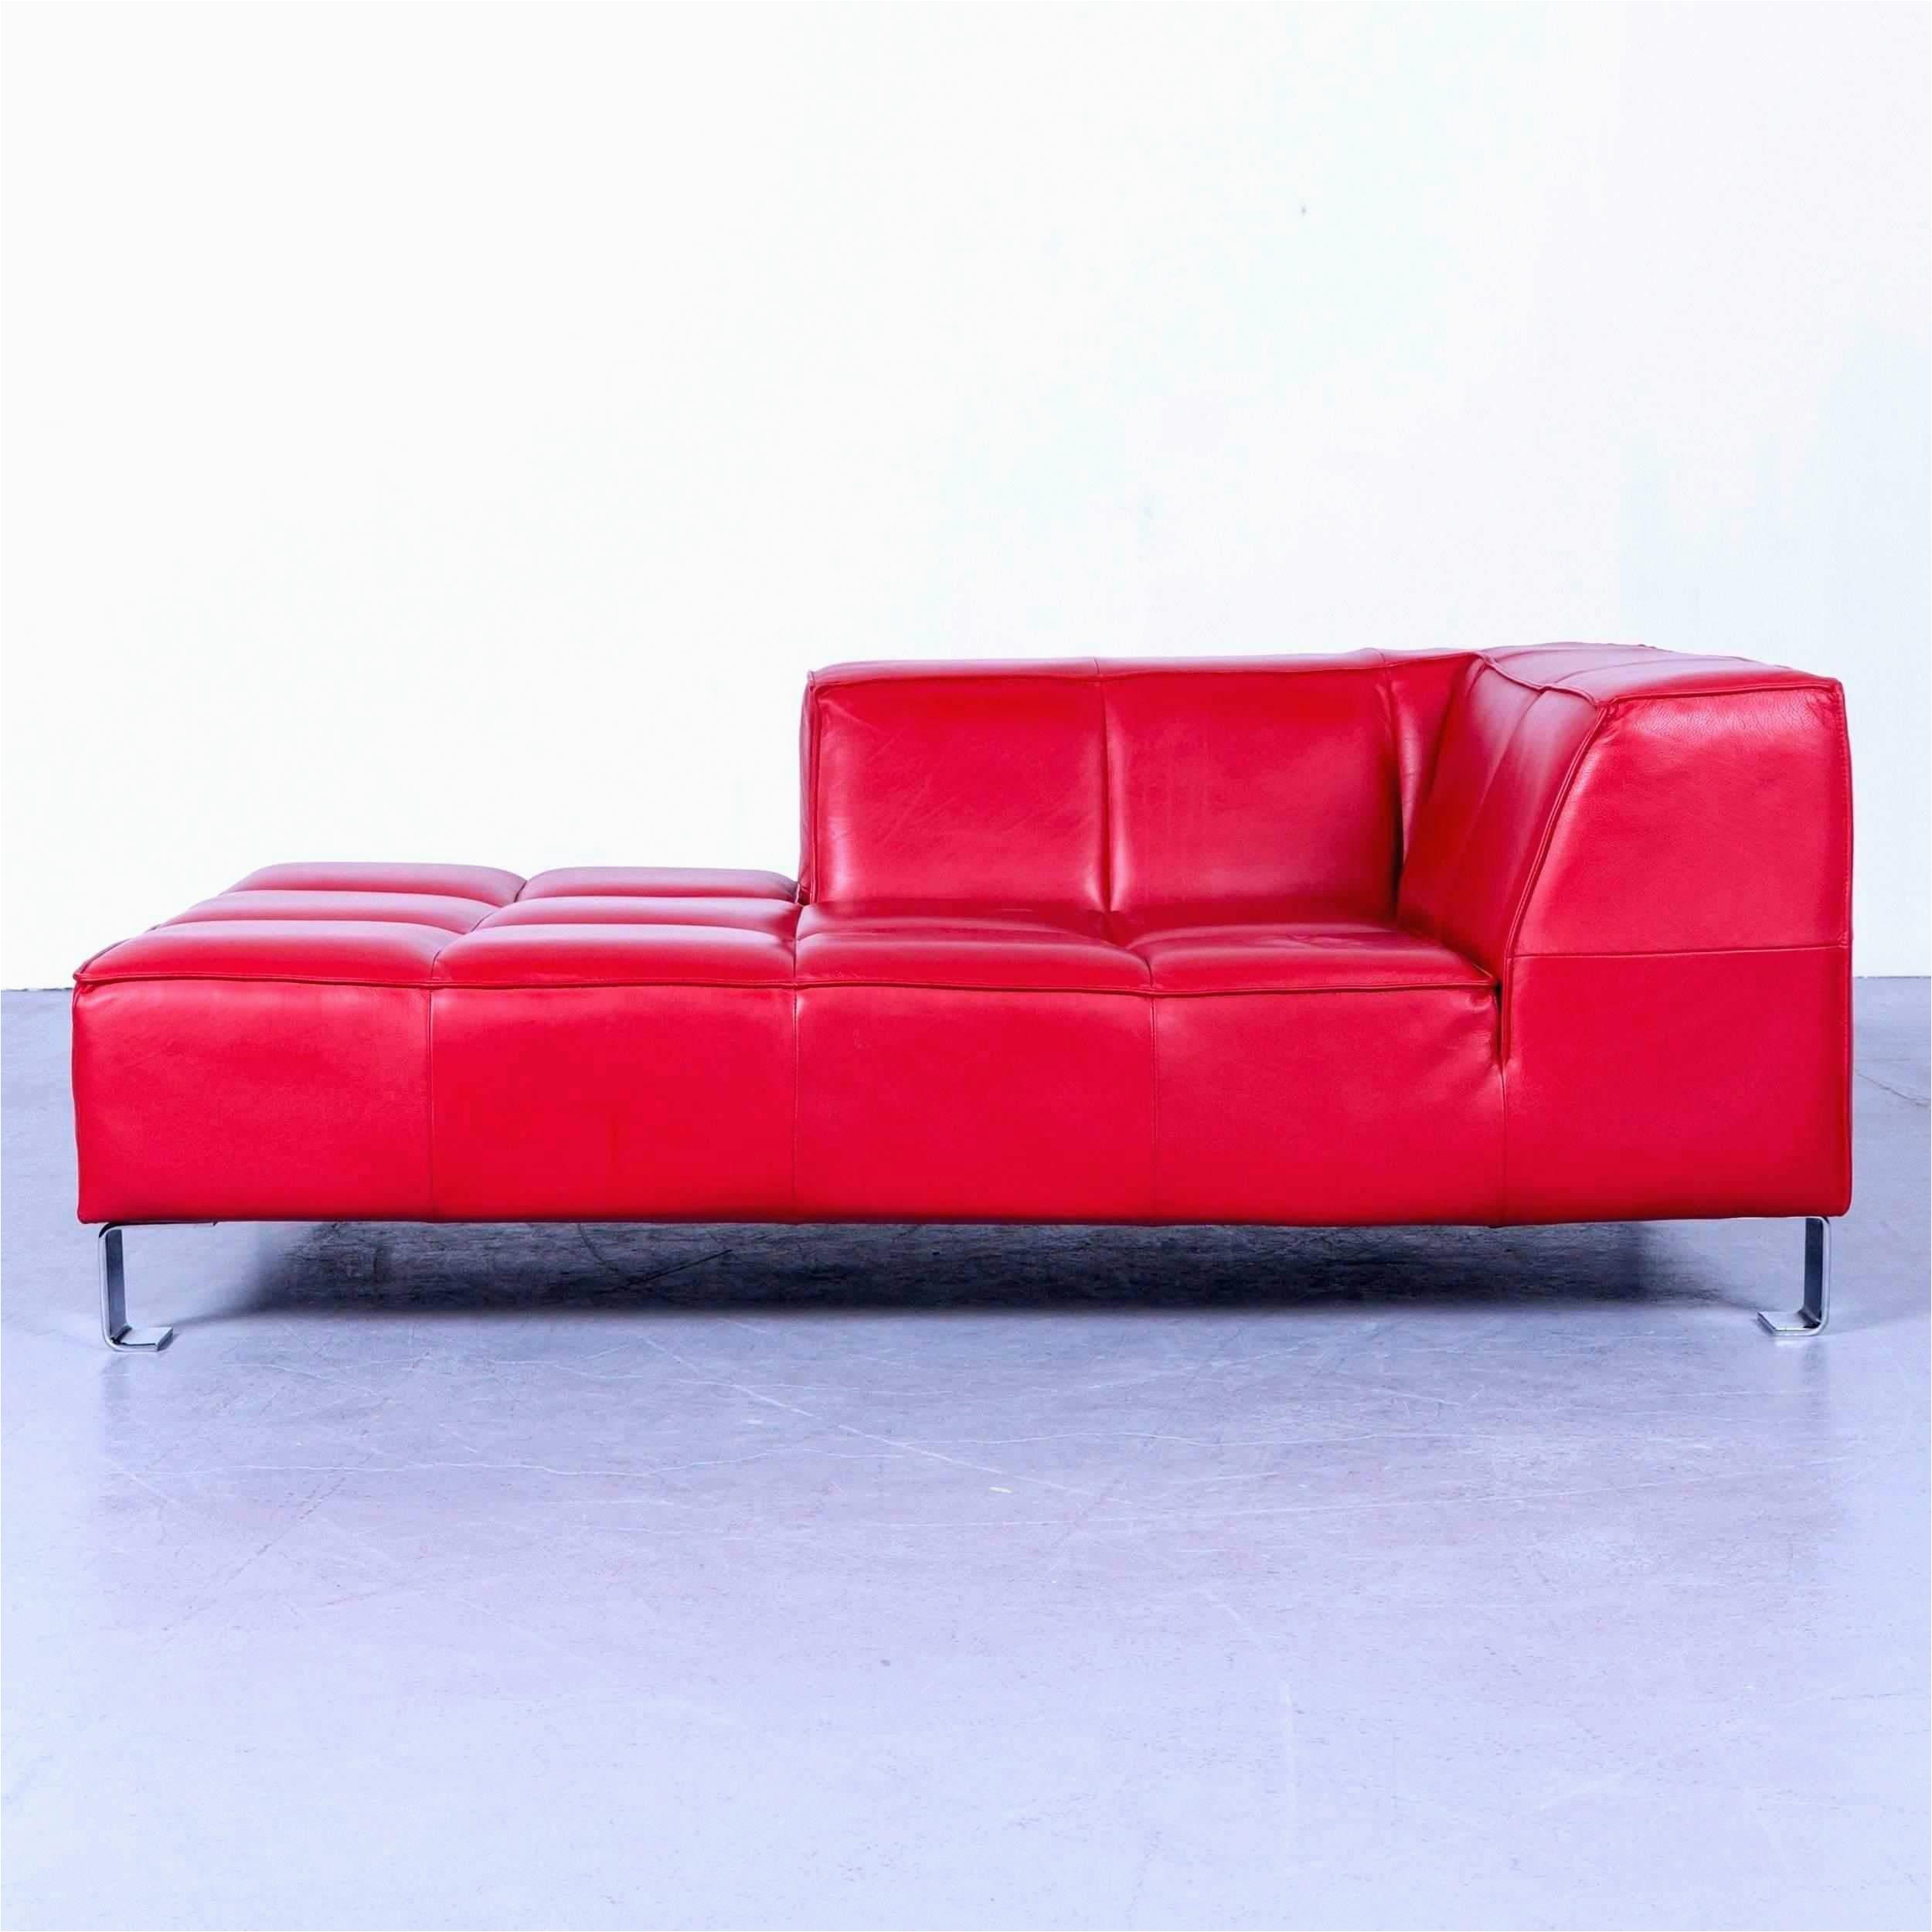 Wohnzimmer sofa Conforama 39 Das Beste Von Relaxliege Wohnzimmer Verstellbar Elegant